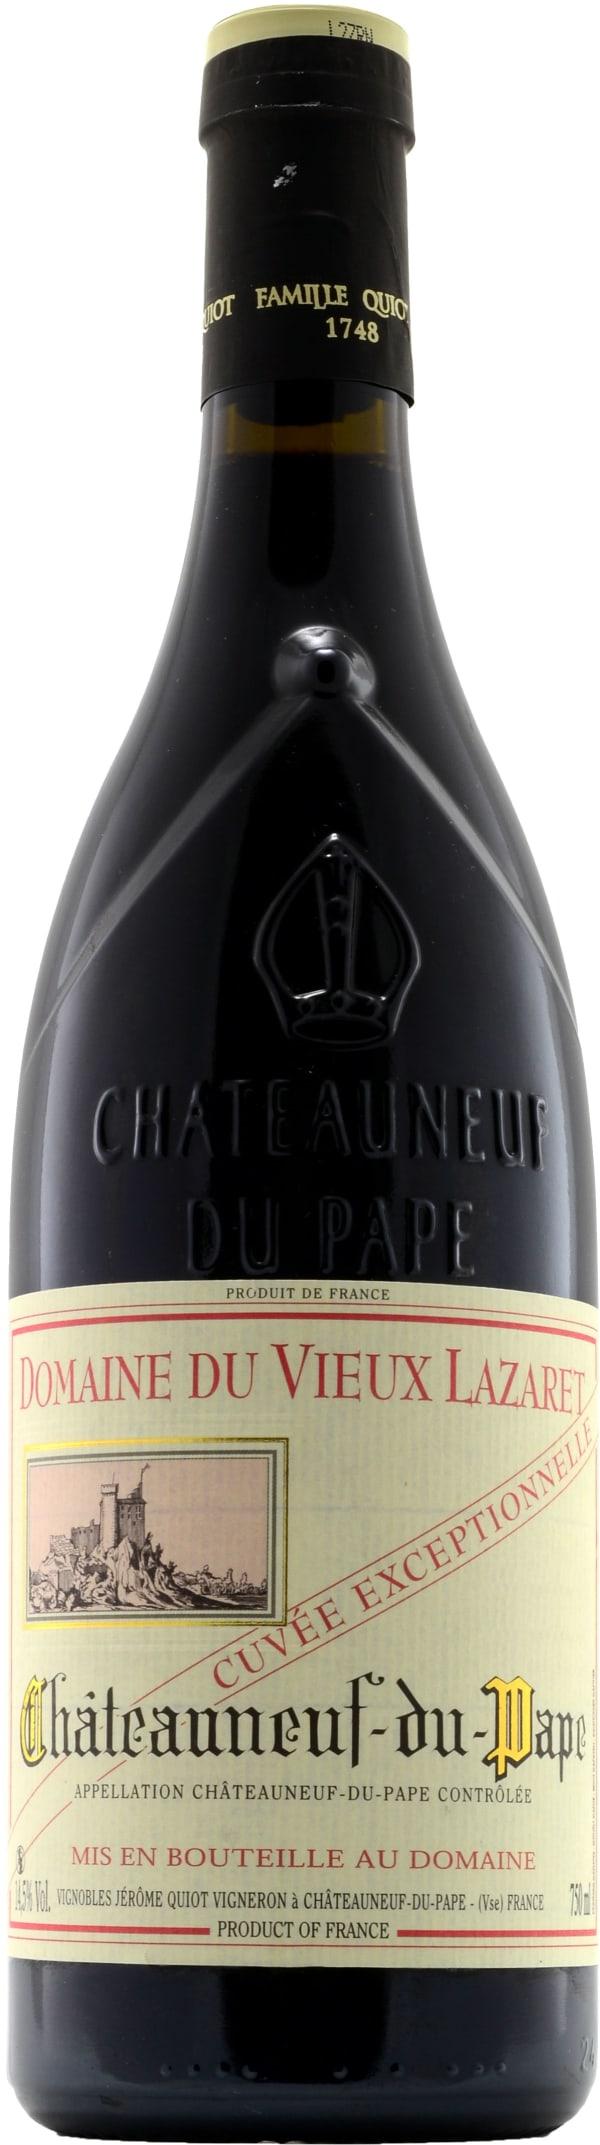 Domaine du Vieux Lazaret Châteauneuf-du-Pape Cuvée Exceptionelle 2015